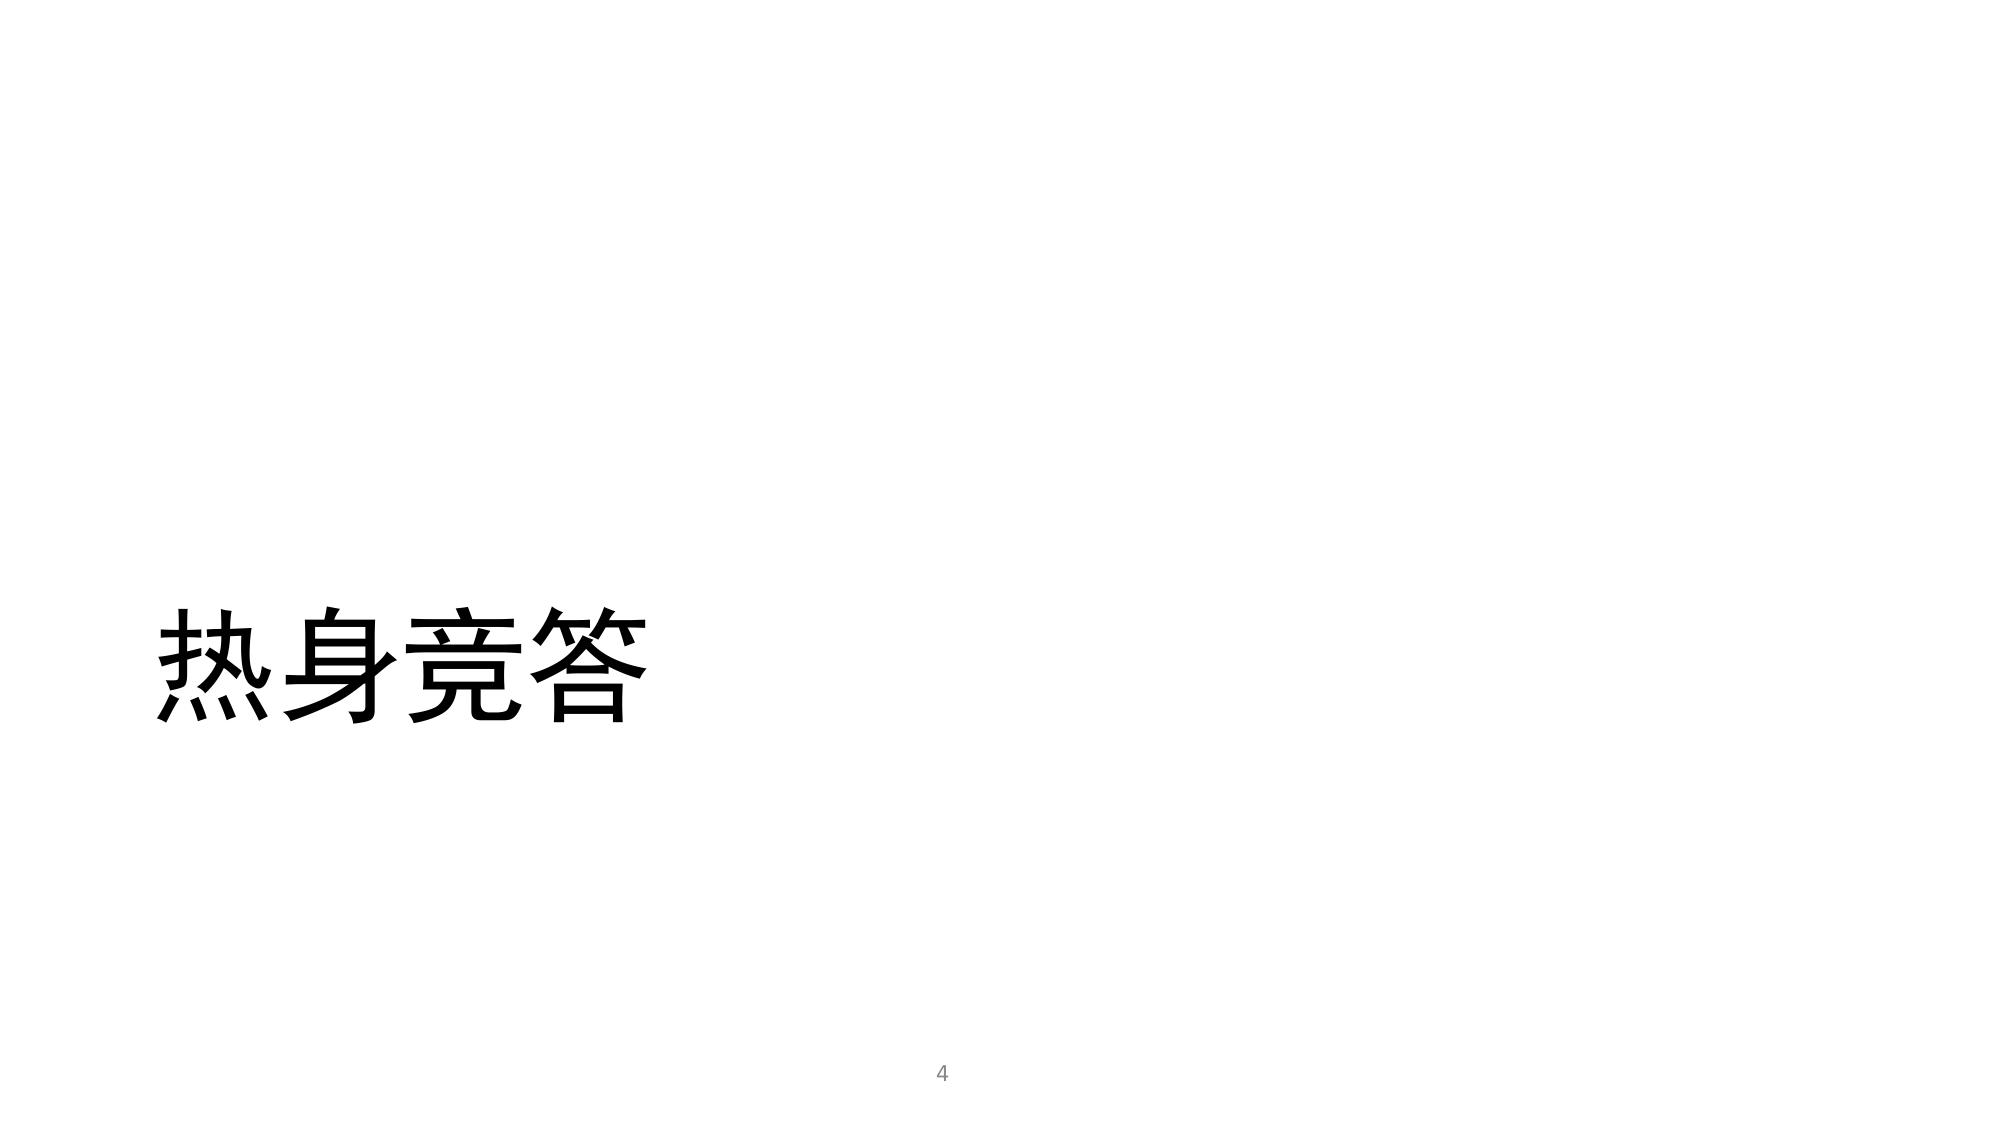 山海今2015中国媒介趋势报告_000004